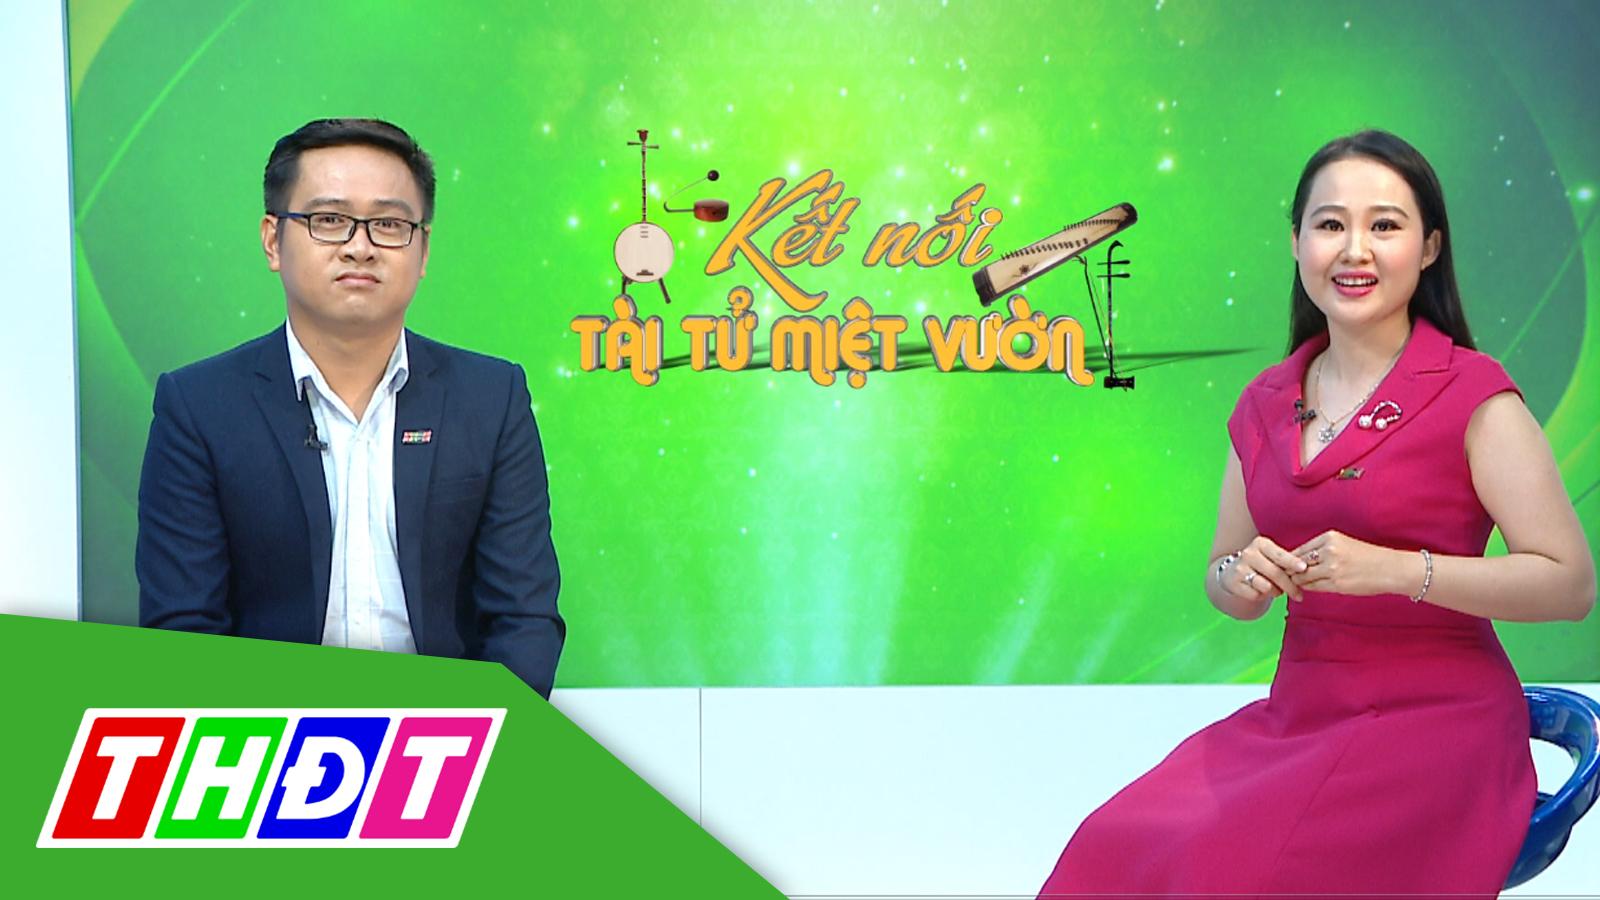 Kết nối Tài tử miệt vườn - 24/10/2021